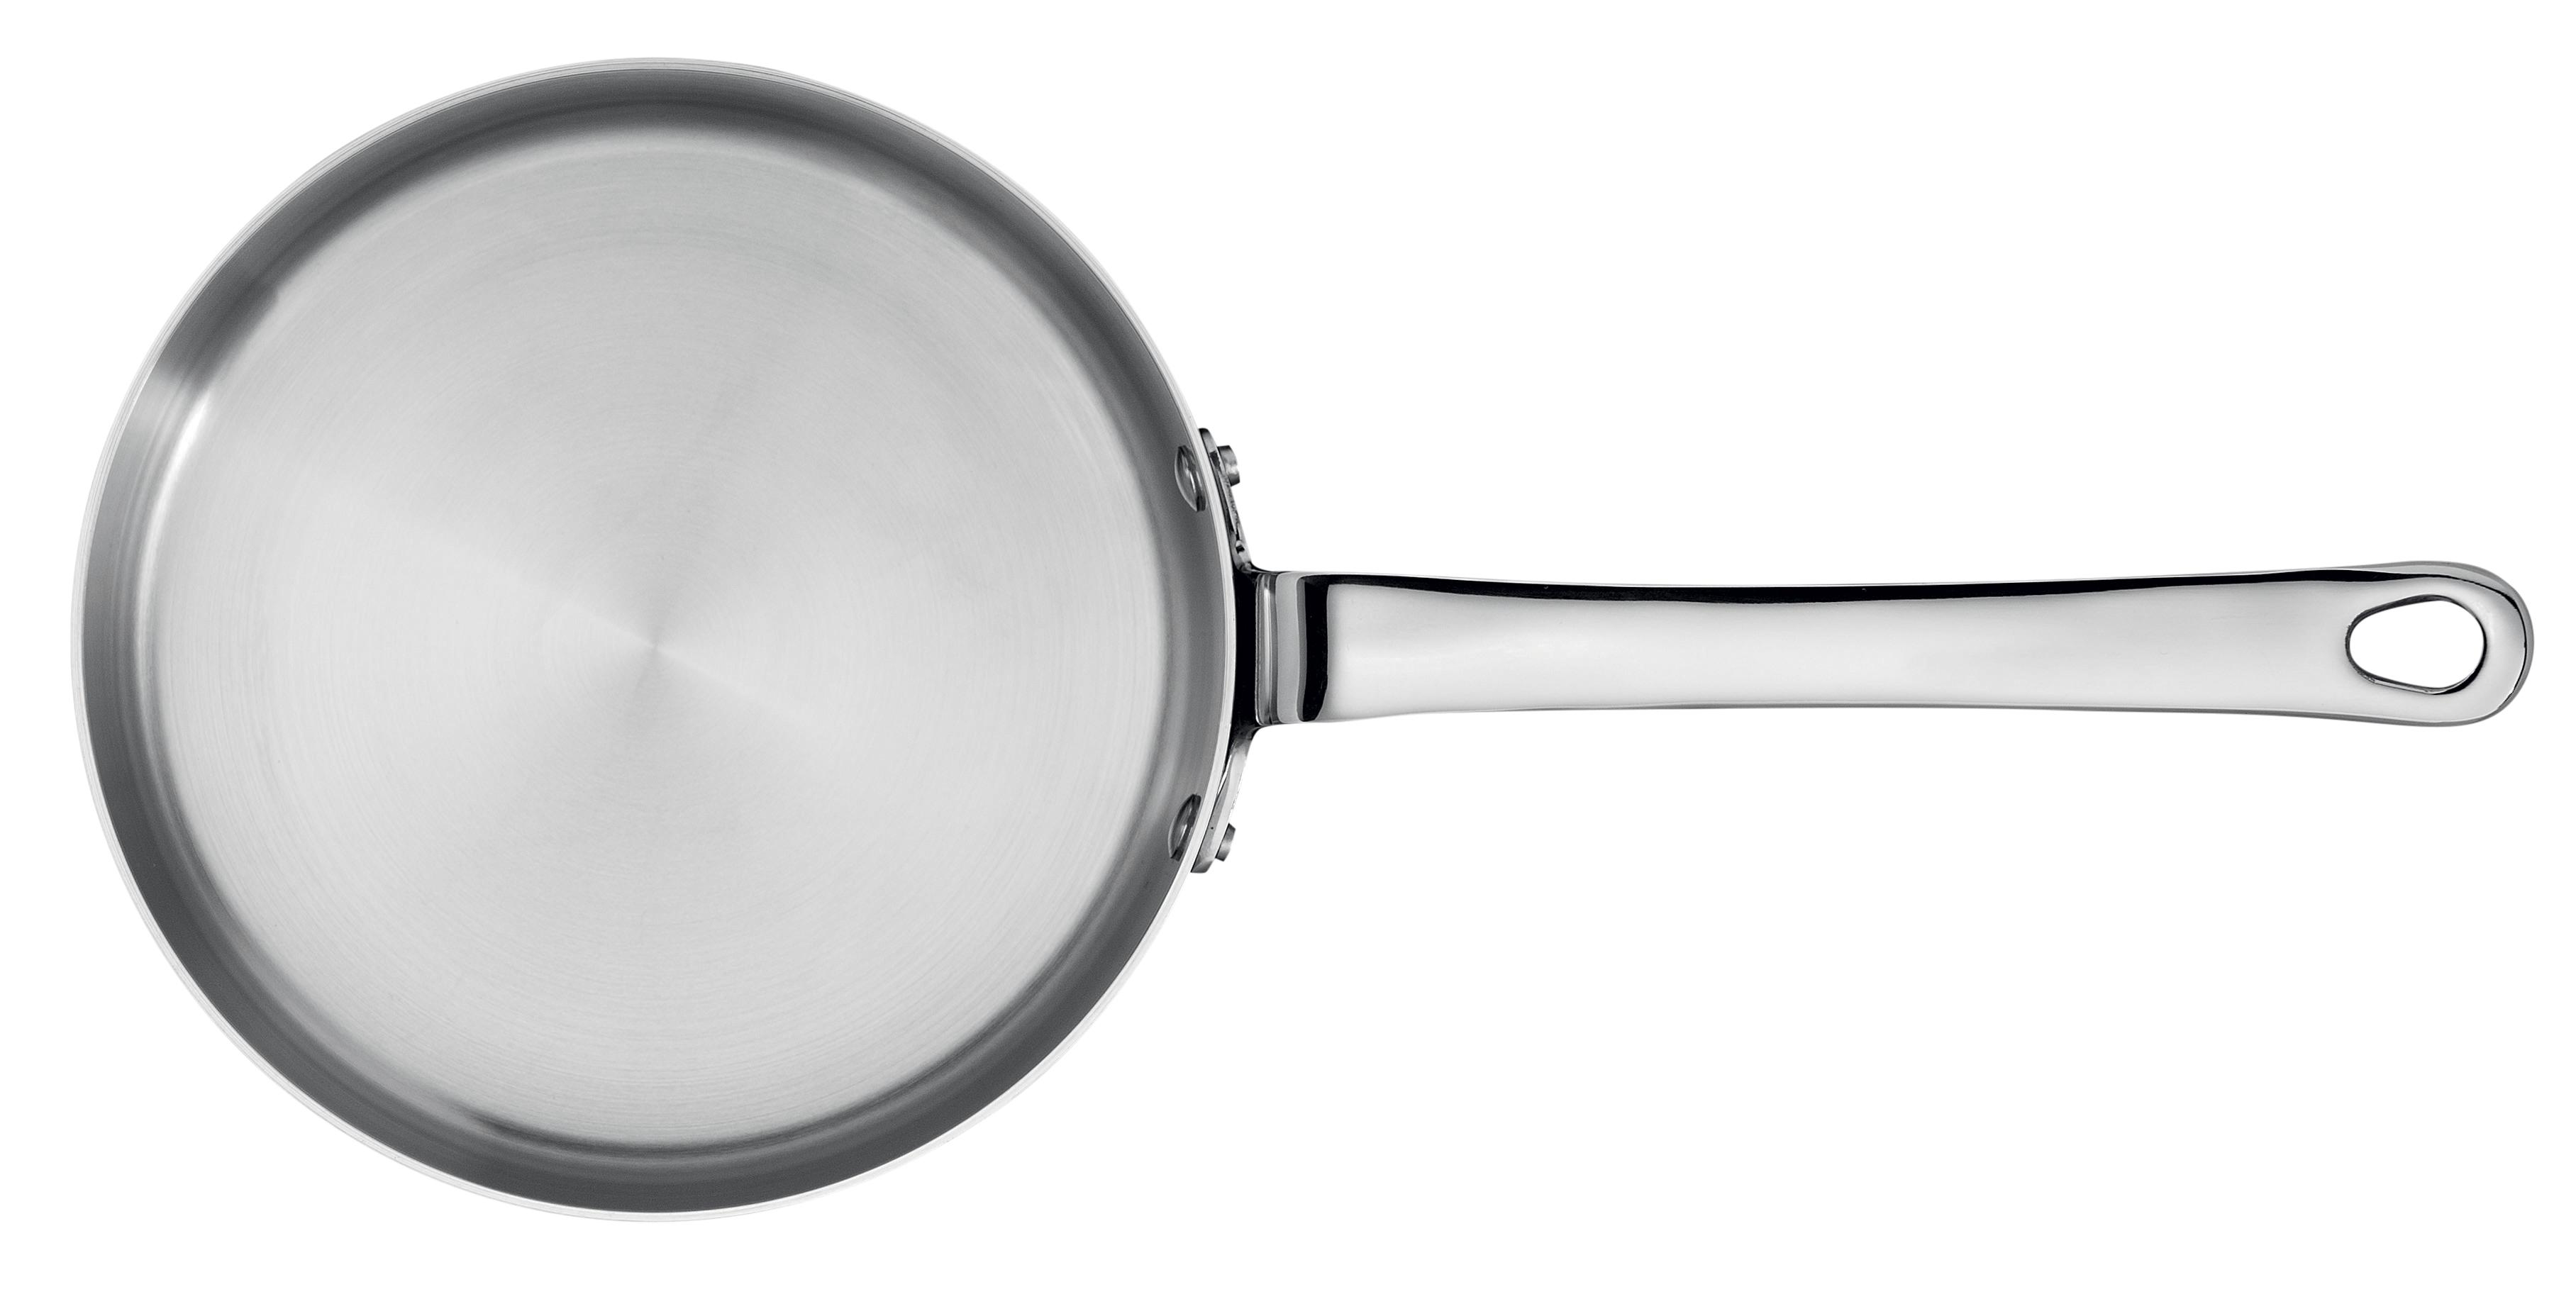 16cmSautéPan-Maitre D, 0.75L - 16cm